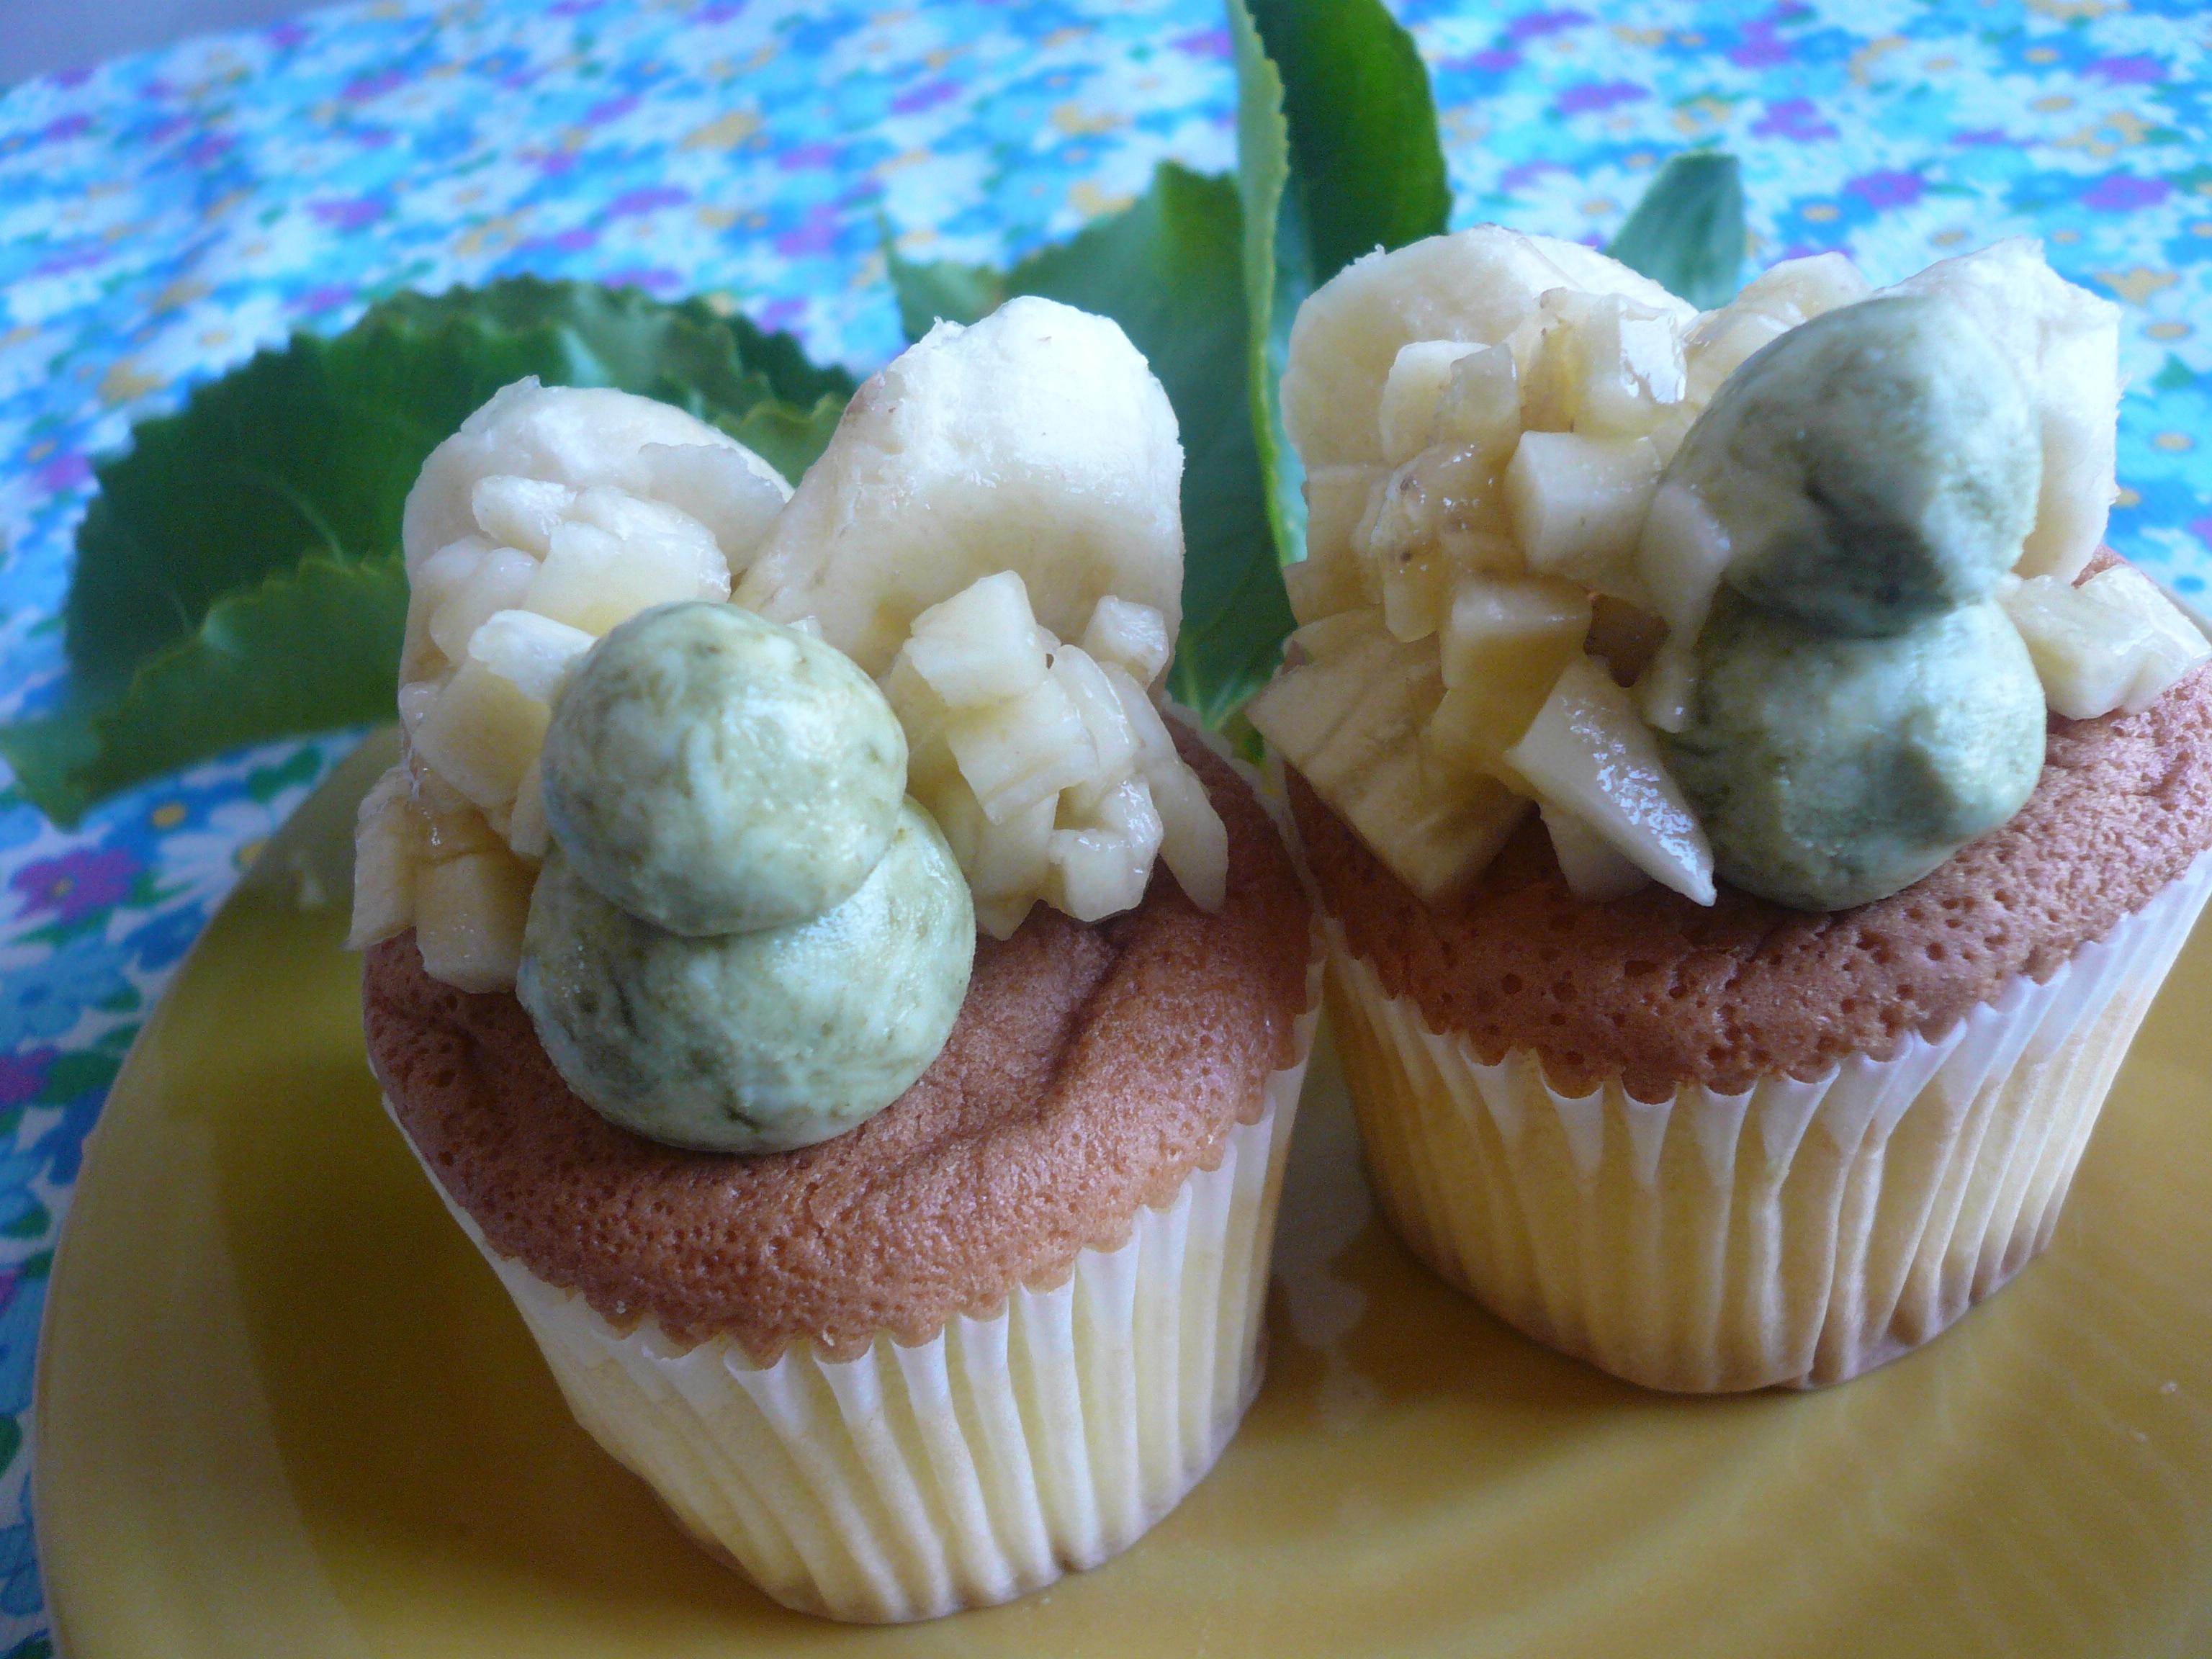 熱帶夢幻杯子蛋糕-小七夏日輕食尚